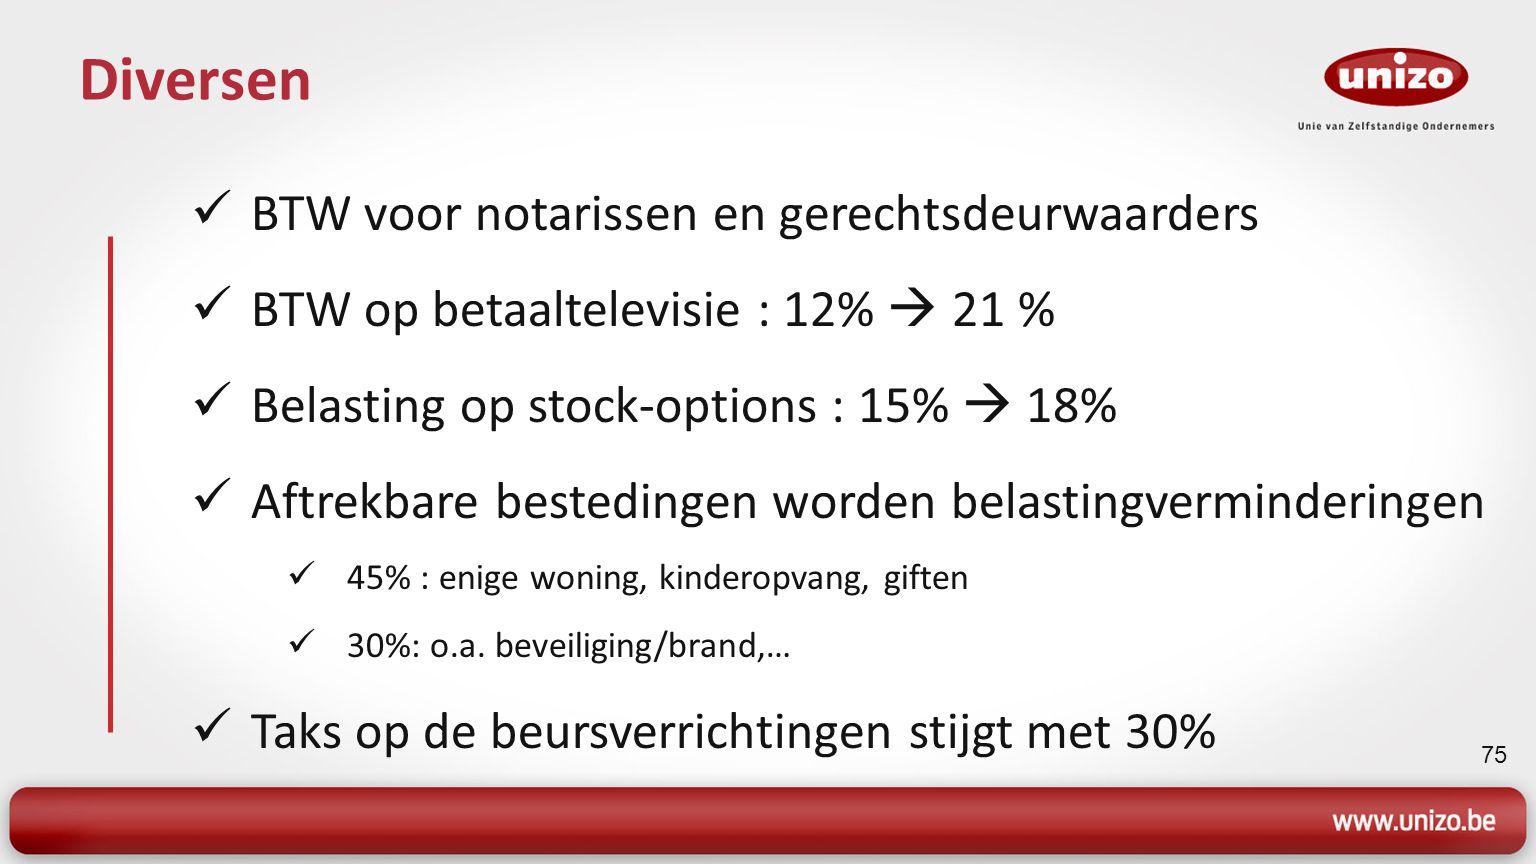 75 Diversen BTW voor notarissen en gerechtsdeurwaarders BTW op betaaltelevisie : 12%  21 % Belasting op stock-options : 15%  18% Aftrekbare bestedingen worden belastingverminderingen 45% : enige woning, kinderopvang, giften 30%: o.a.